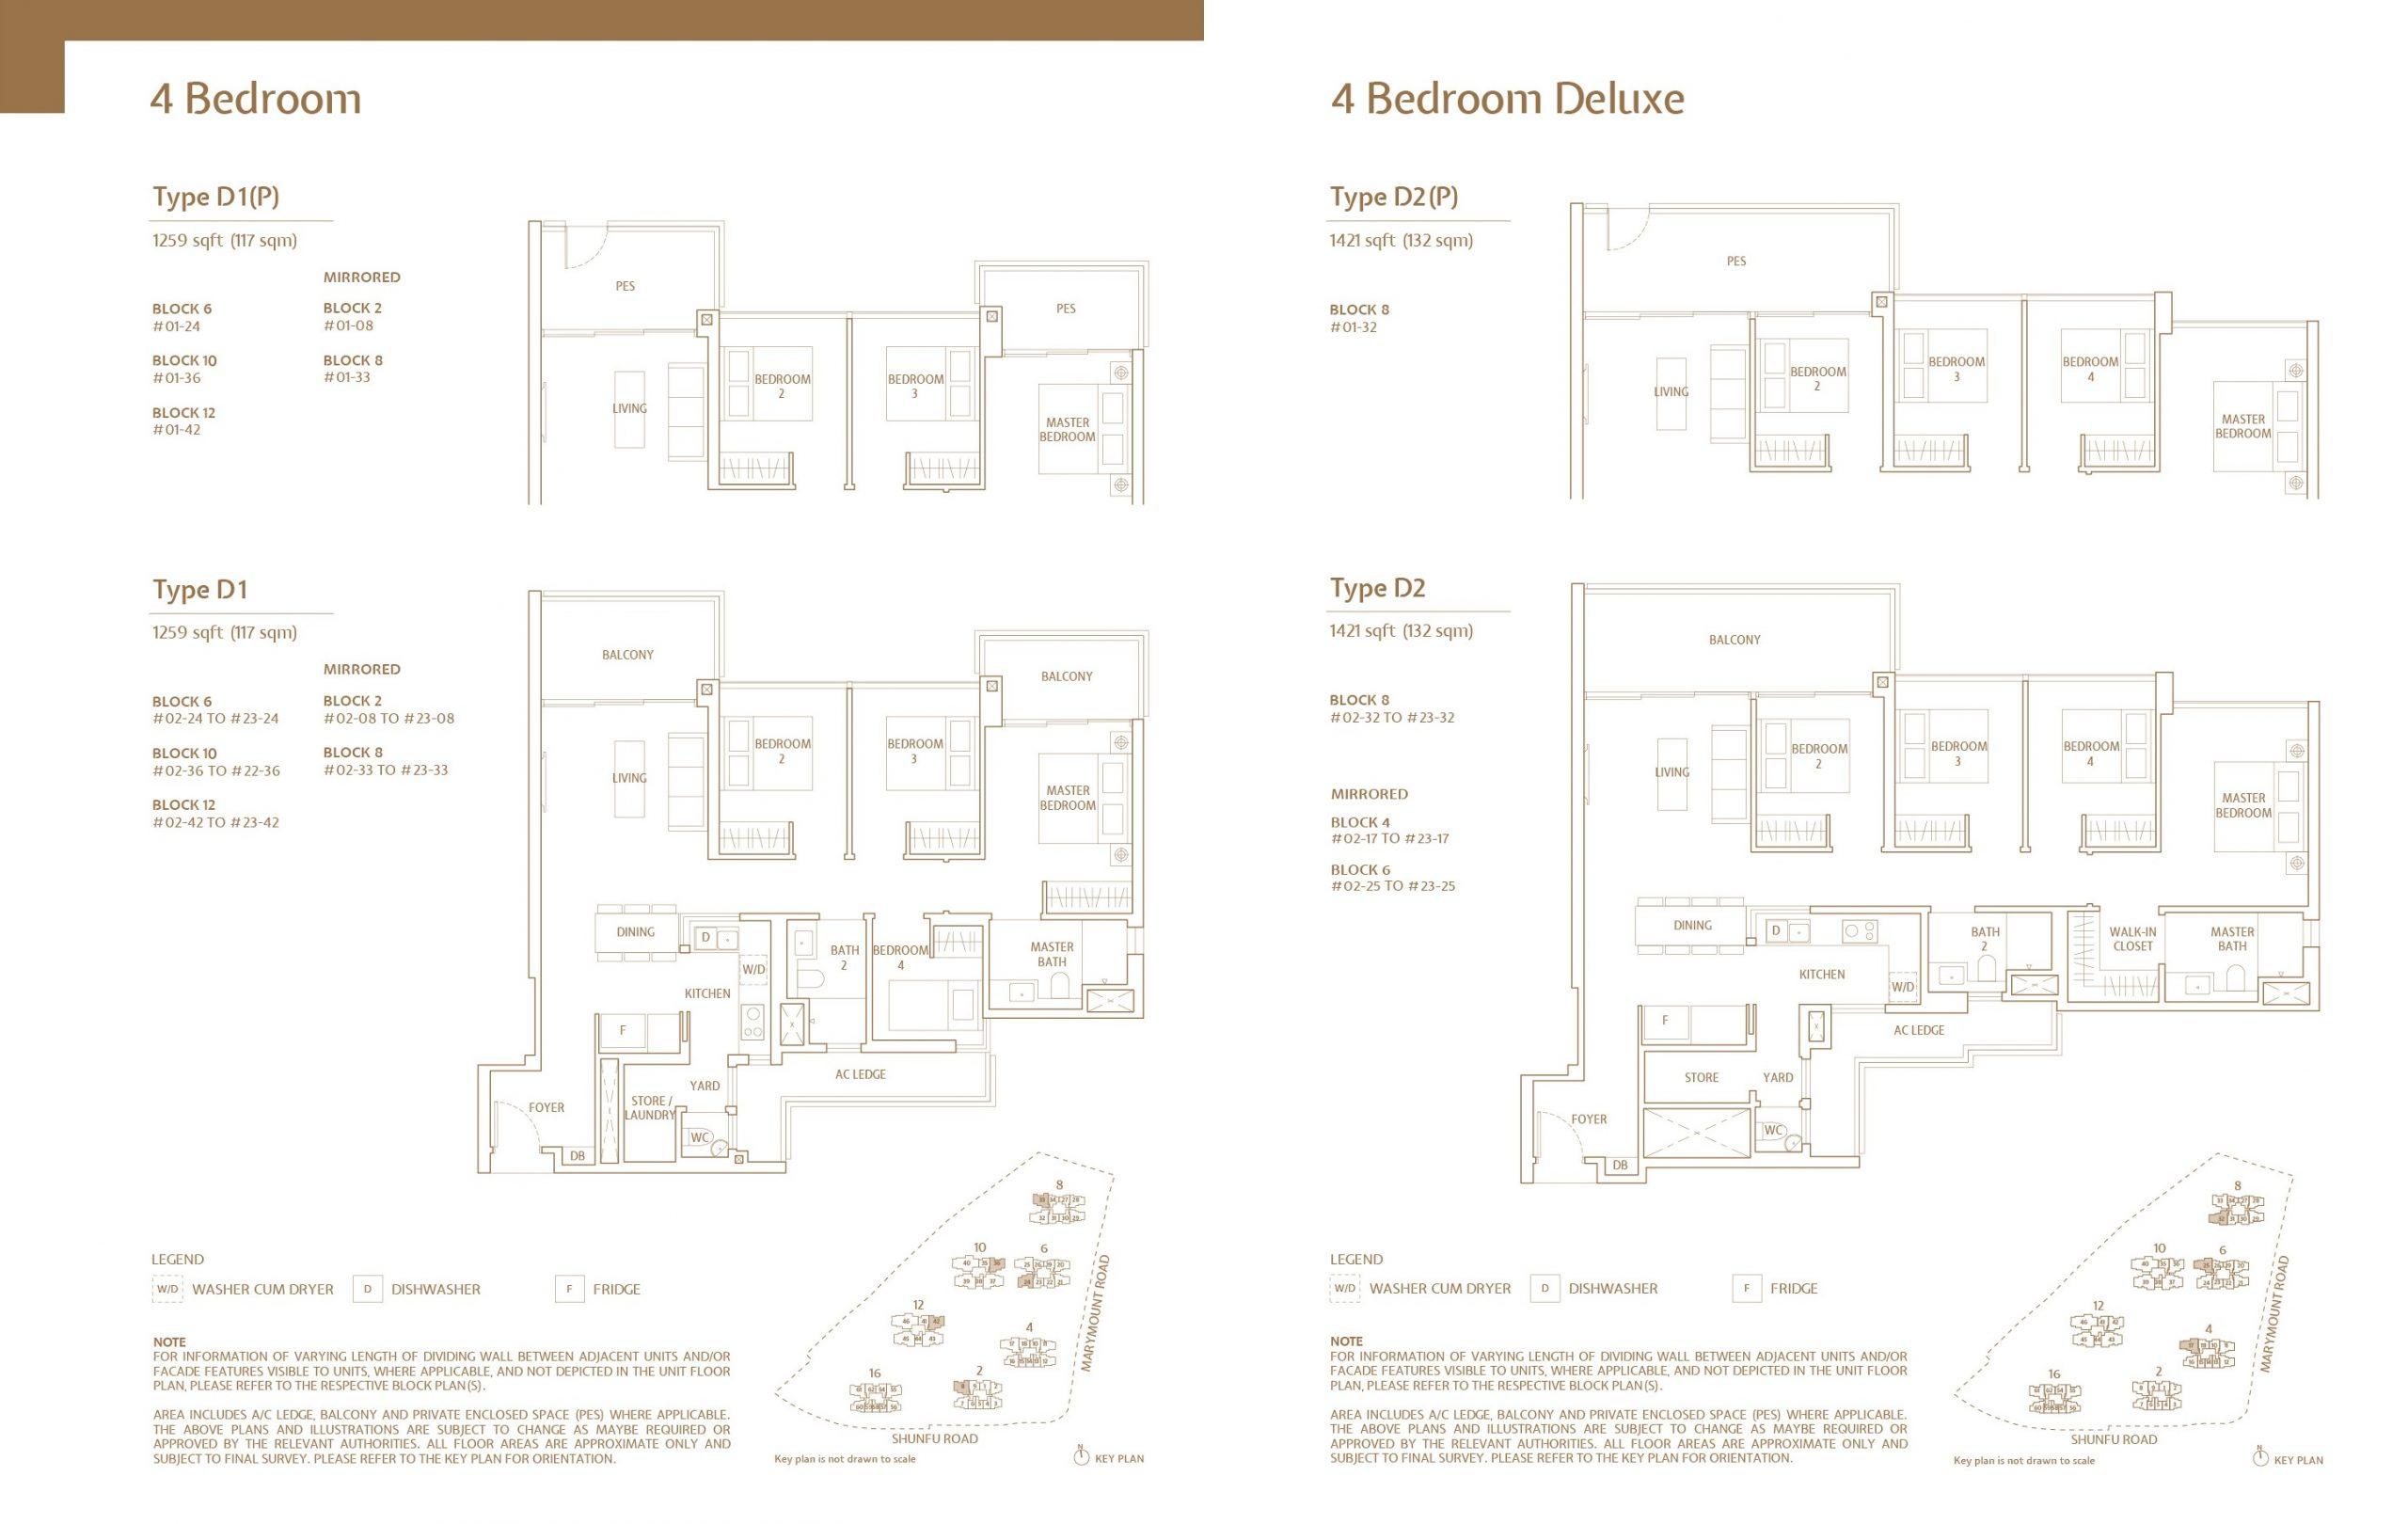 jadescape-floorplan-4br